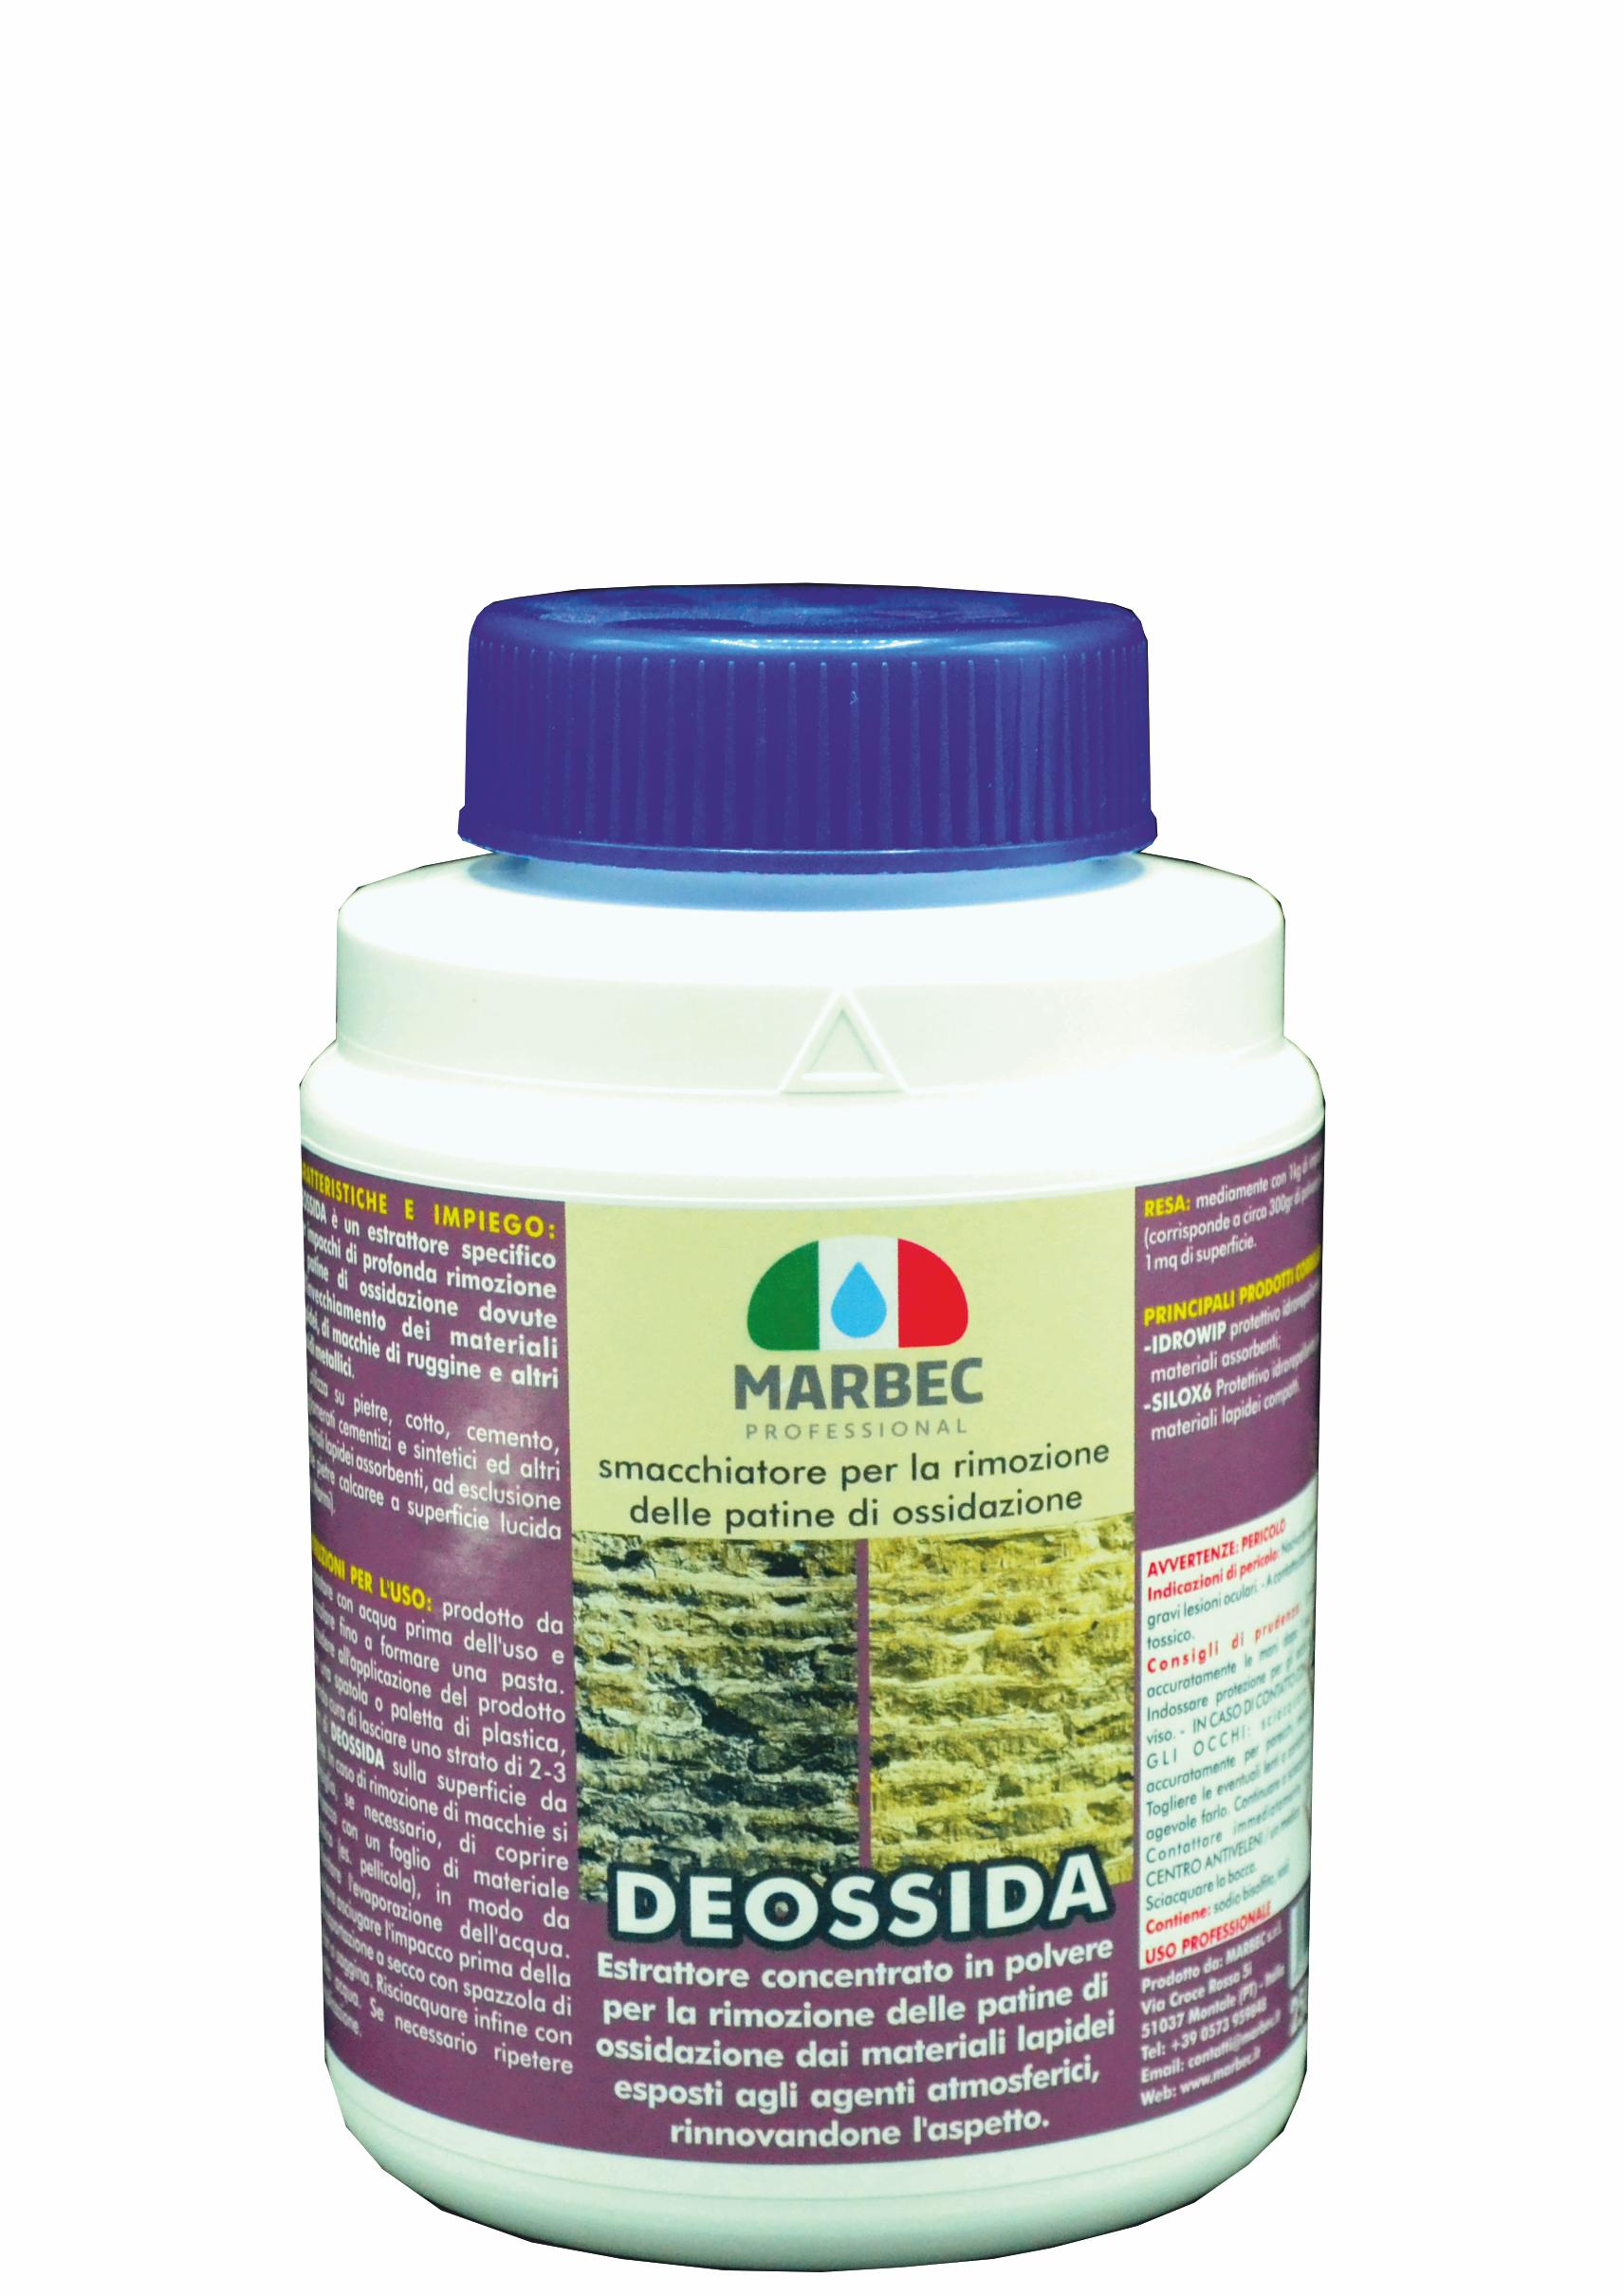 MARBEC | DEOSSIDA 250gr Pper la rimozione delle patine di ossidazione